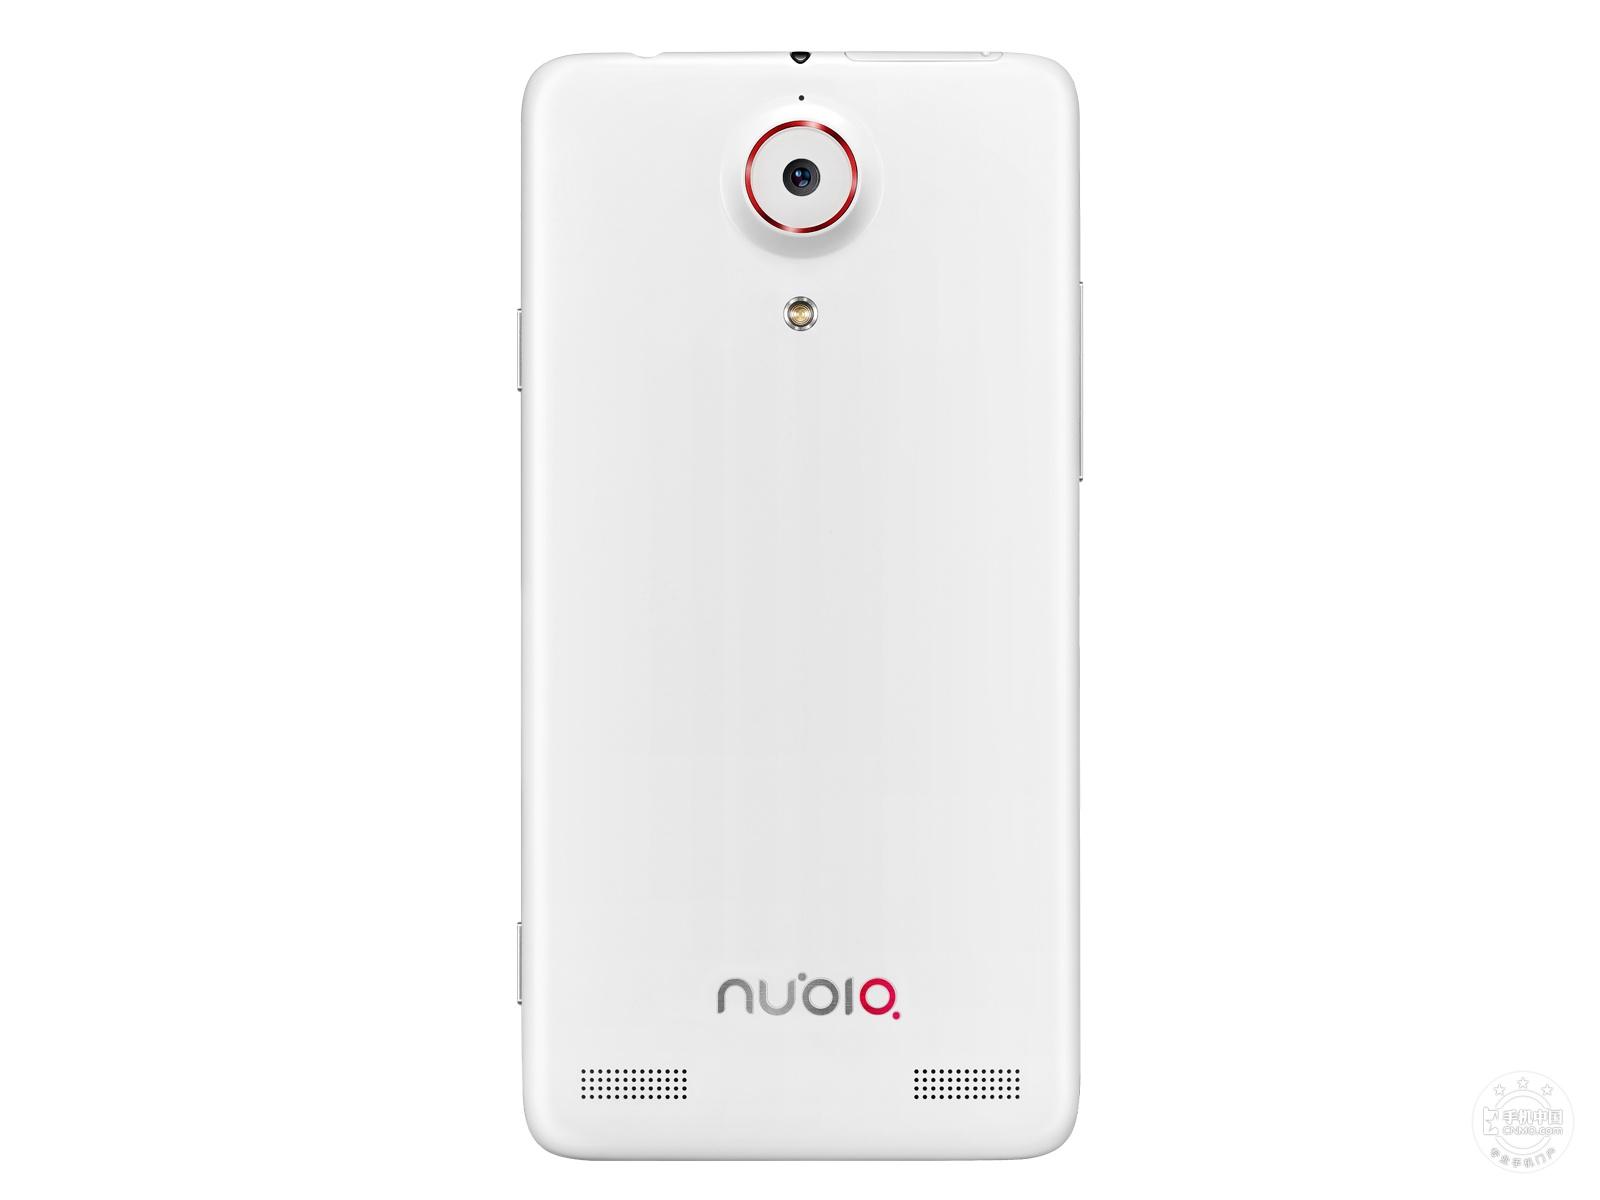 努比亚Z5Sn(64GB)产品本身外观第2张